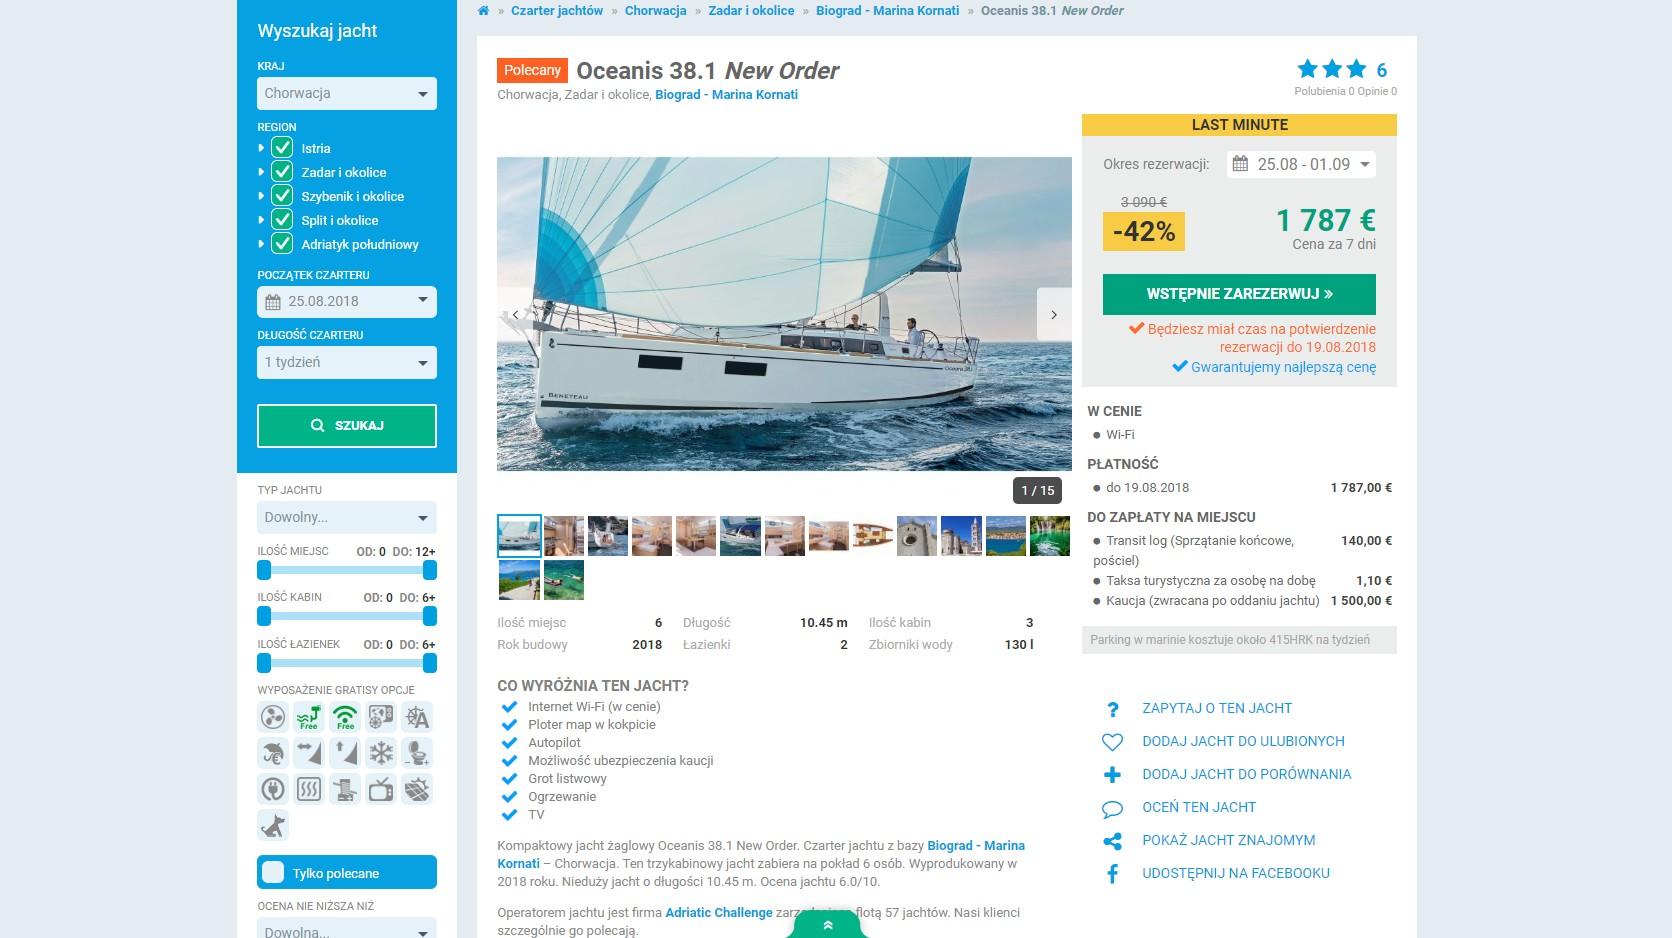 Czarter jachtów YACHTIC.com